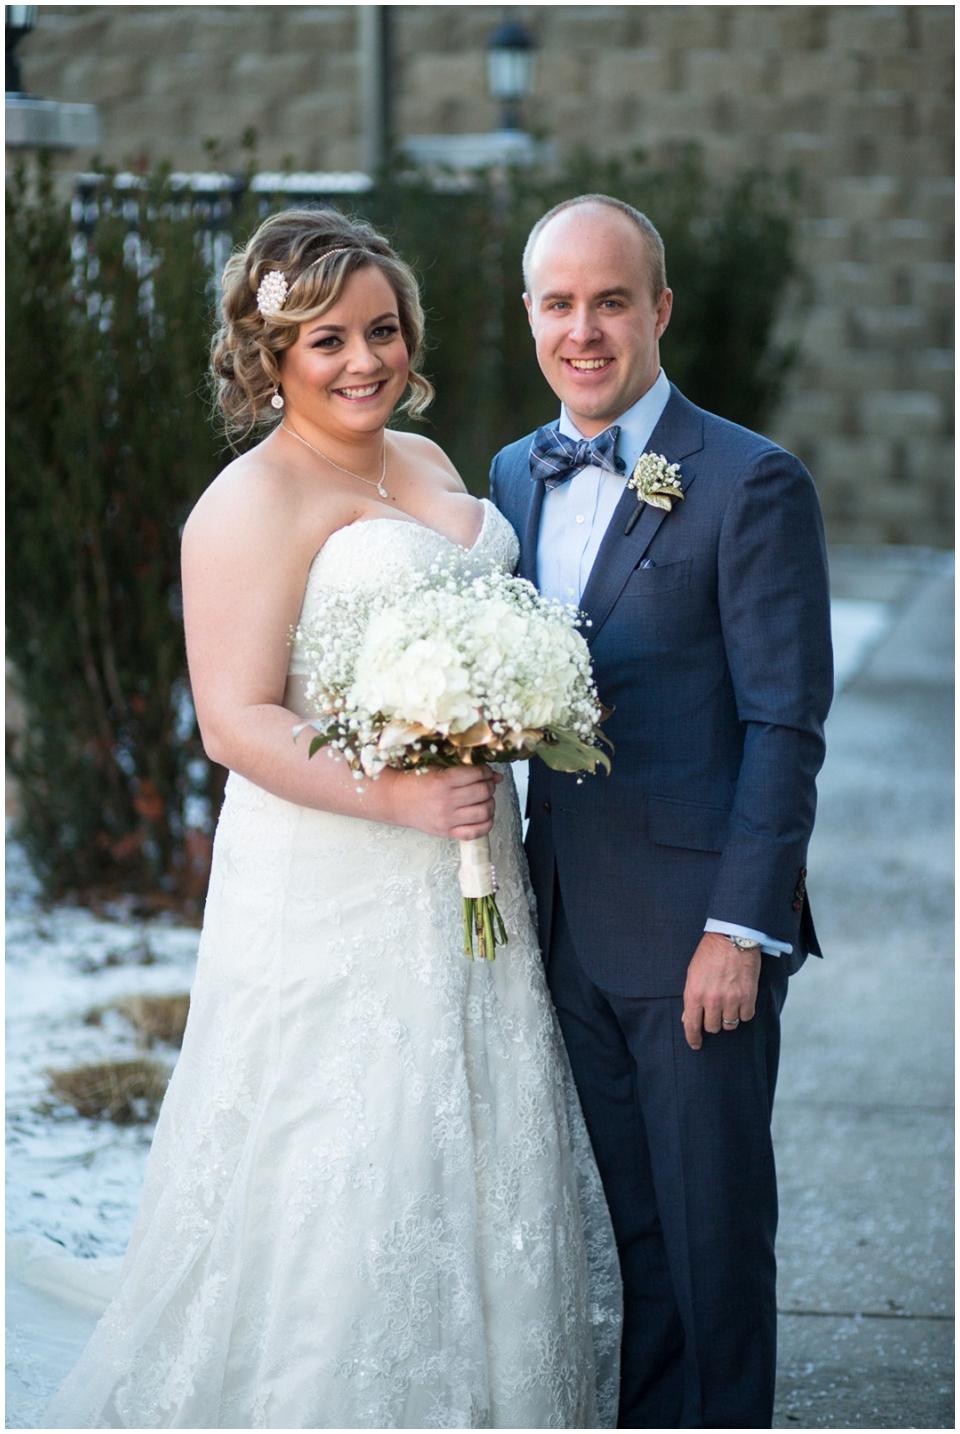 AaronCJ_Omaha_Wedding_Photographers-019.jpg